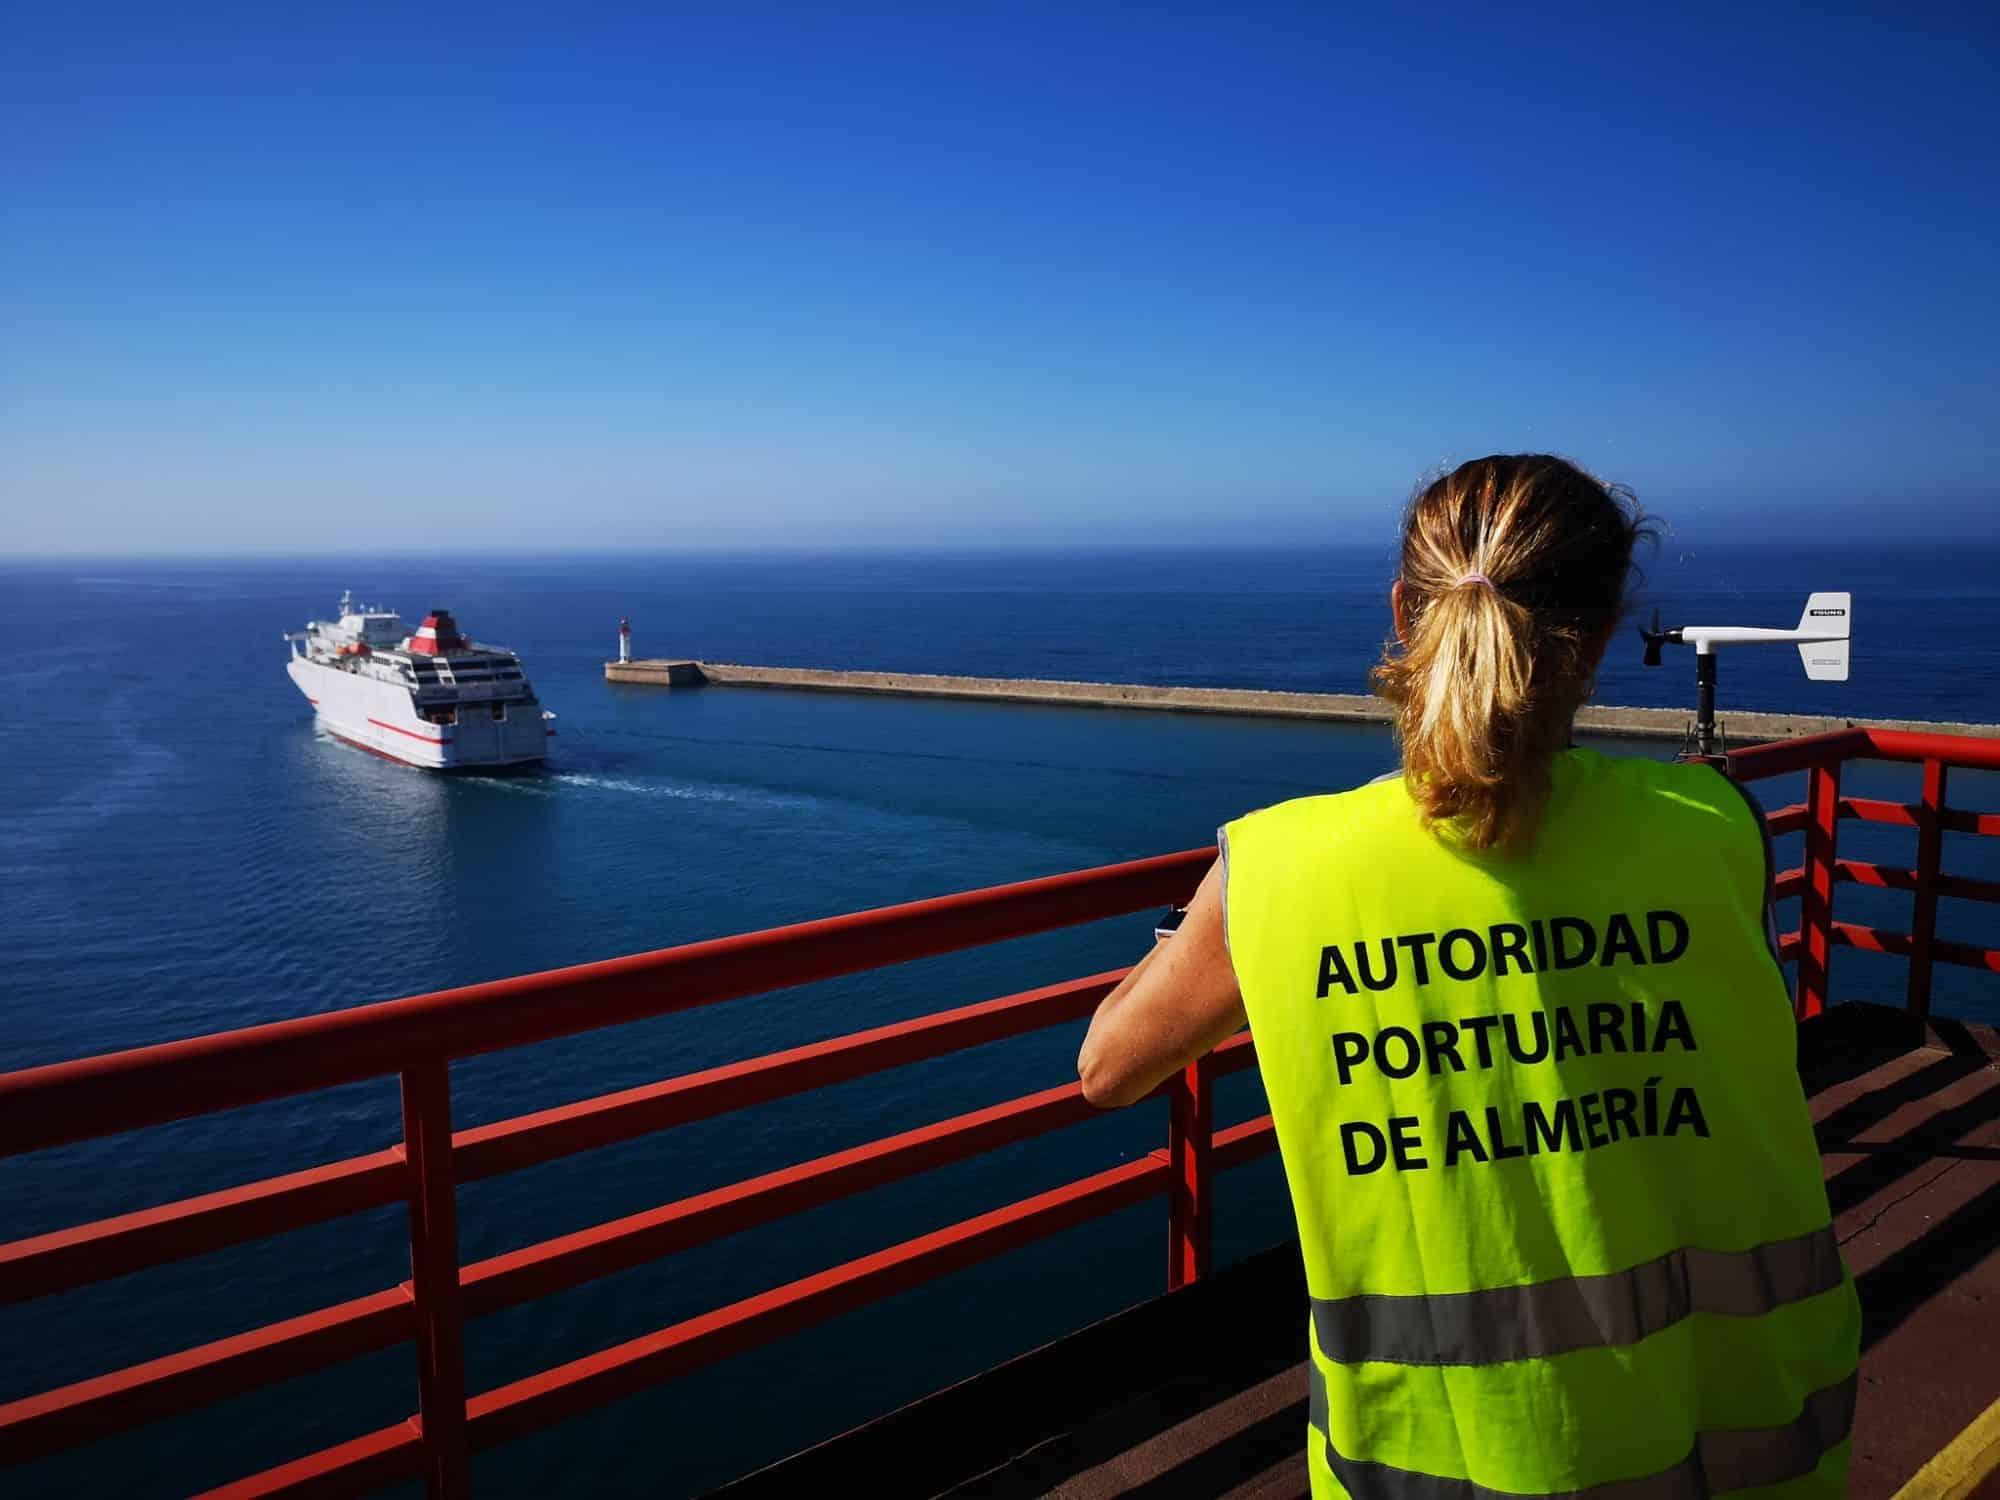 El Puerto de Almería supera los 900.000 pasajeros entre enero y noviembre